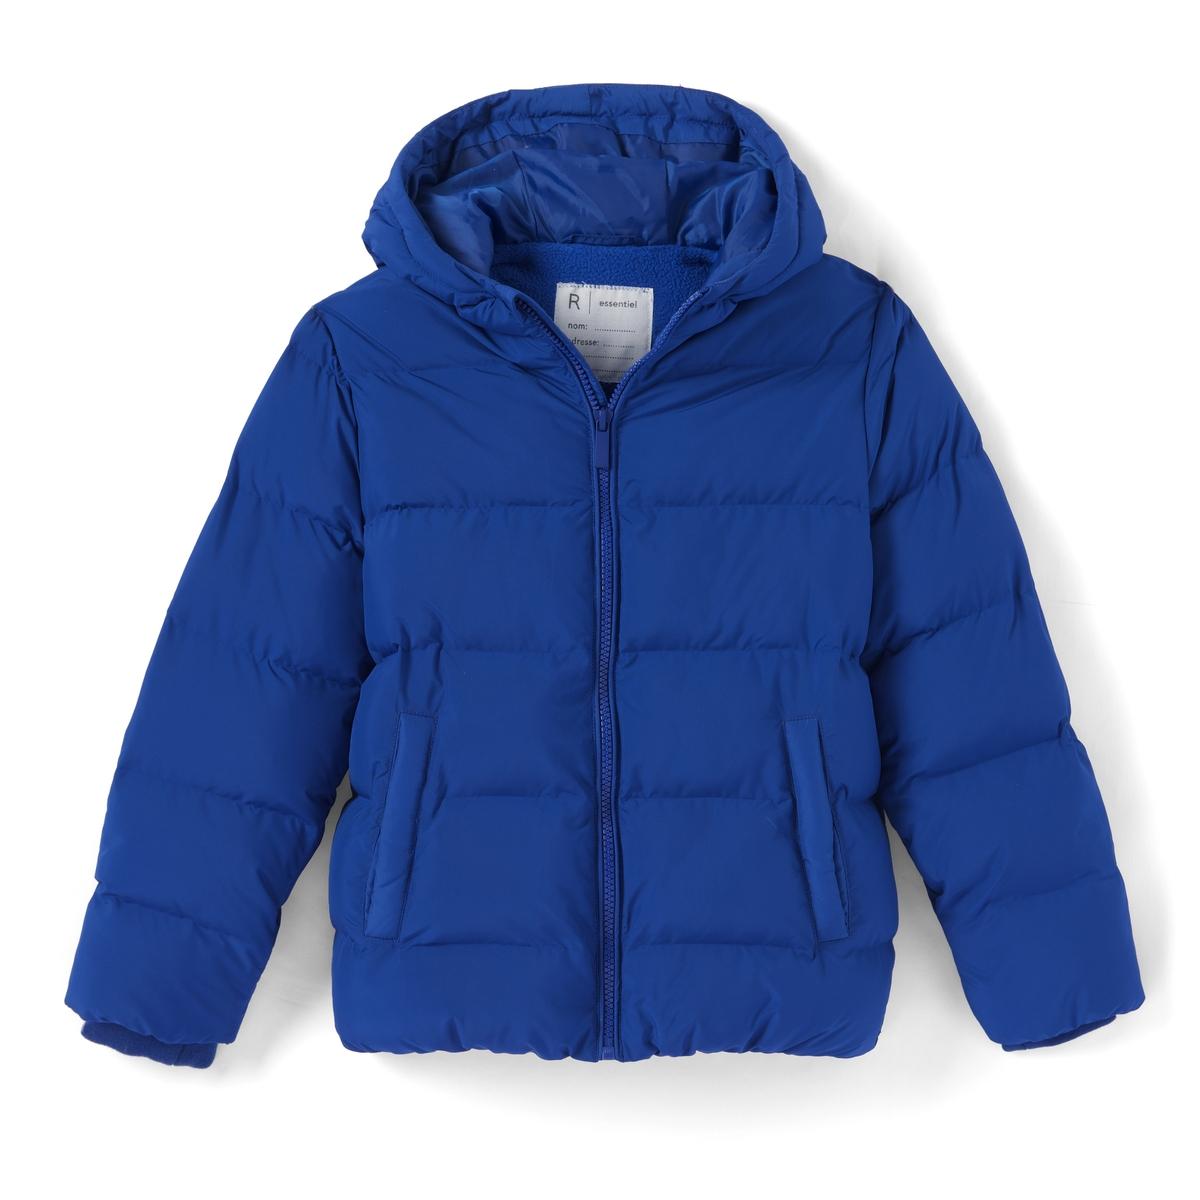 Куртка покроя оверсайз, 3-12 летОписание:Детали •  Зимняя модель •  Непромокаемая •  Застежка на молнию •  С капюшоном •  Длина : укороченнаяСостав и уход •  100% полиэстер •  Наполнитель : 100% полиэстер • Не стирать •  Деликатная сухая чистка / не отбеливать •  Не использовать барабанную сушку •  Не гладить<br><br>Цвет: синий морской,синий<br>Размер: 12 лет -150 см.10 лет - 138 см.6 лет - 114 см.5 лет - 108 см.12 лет -150 см.10 лет - 138 см.8 лет - 126 см.5 лет - 108 см